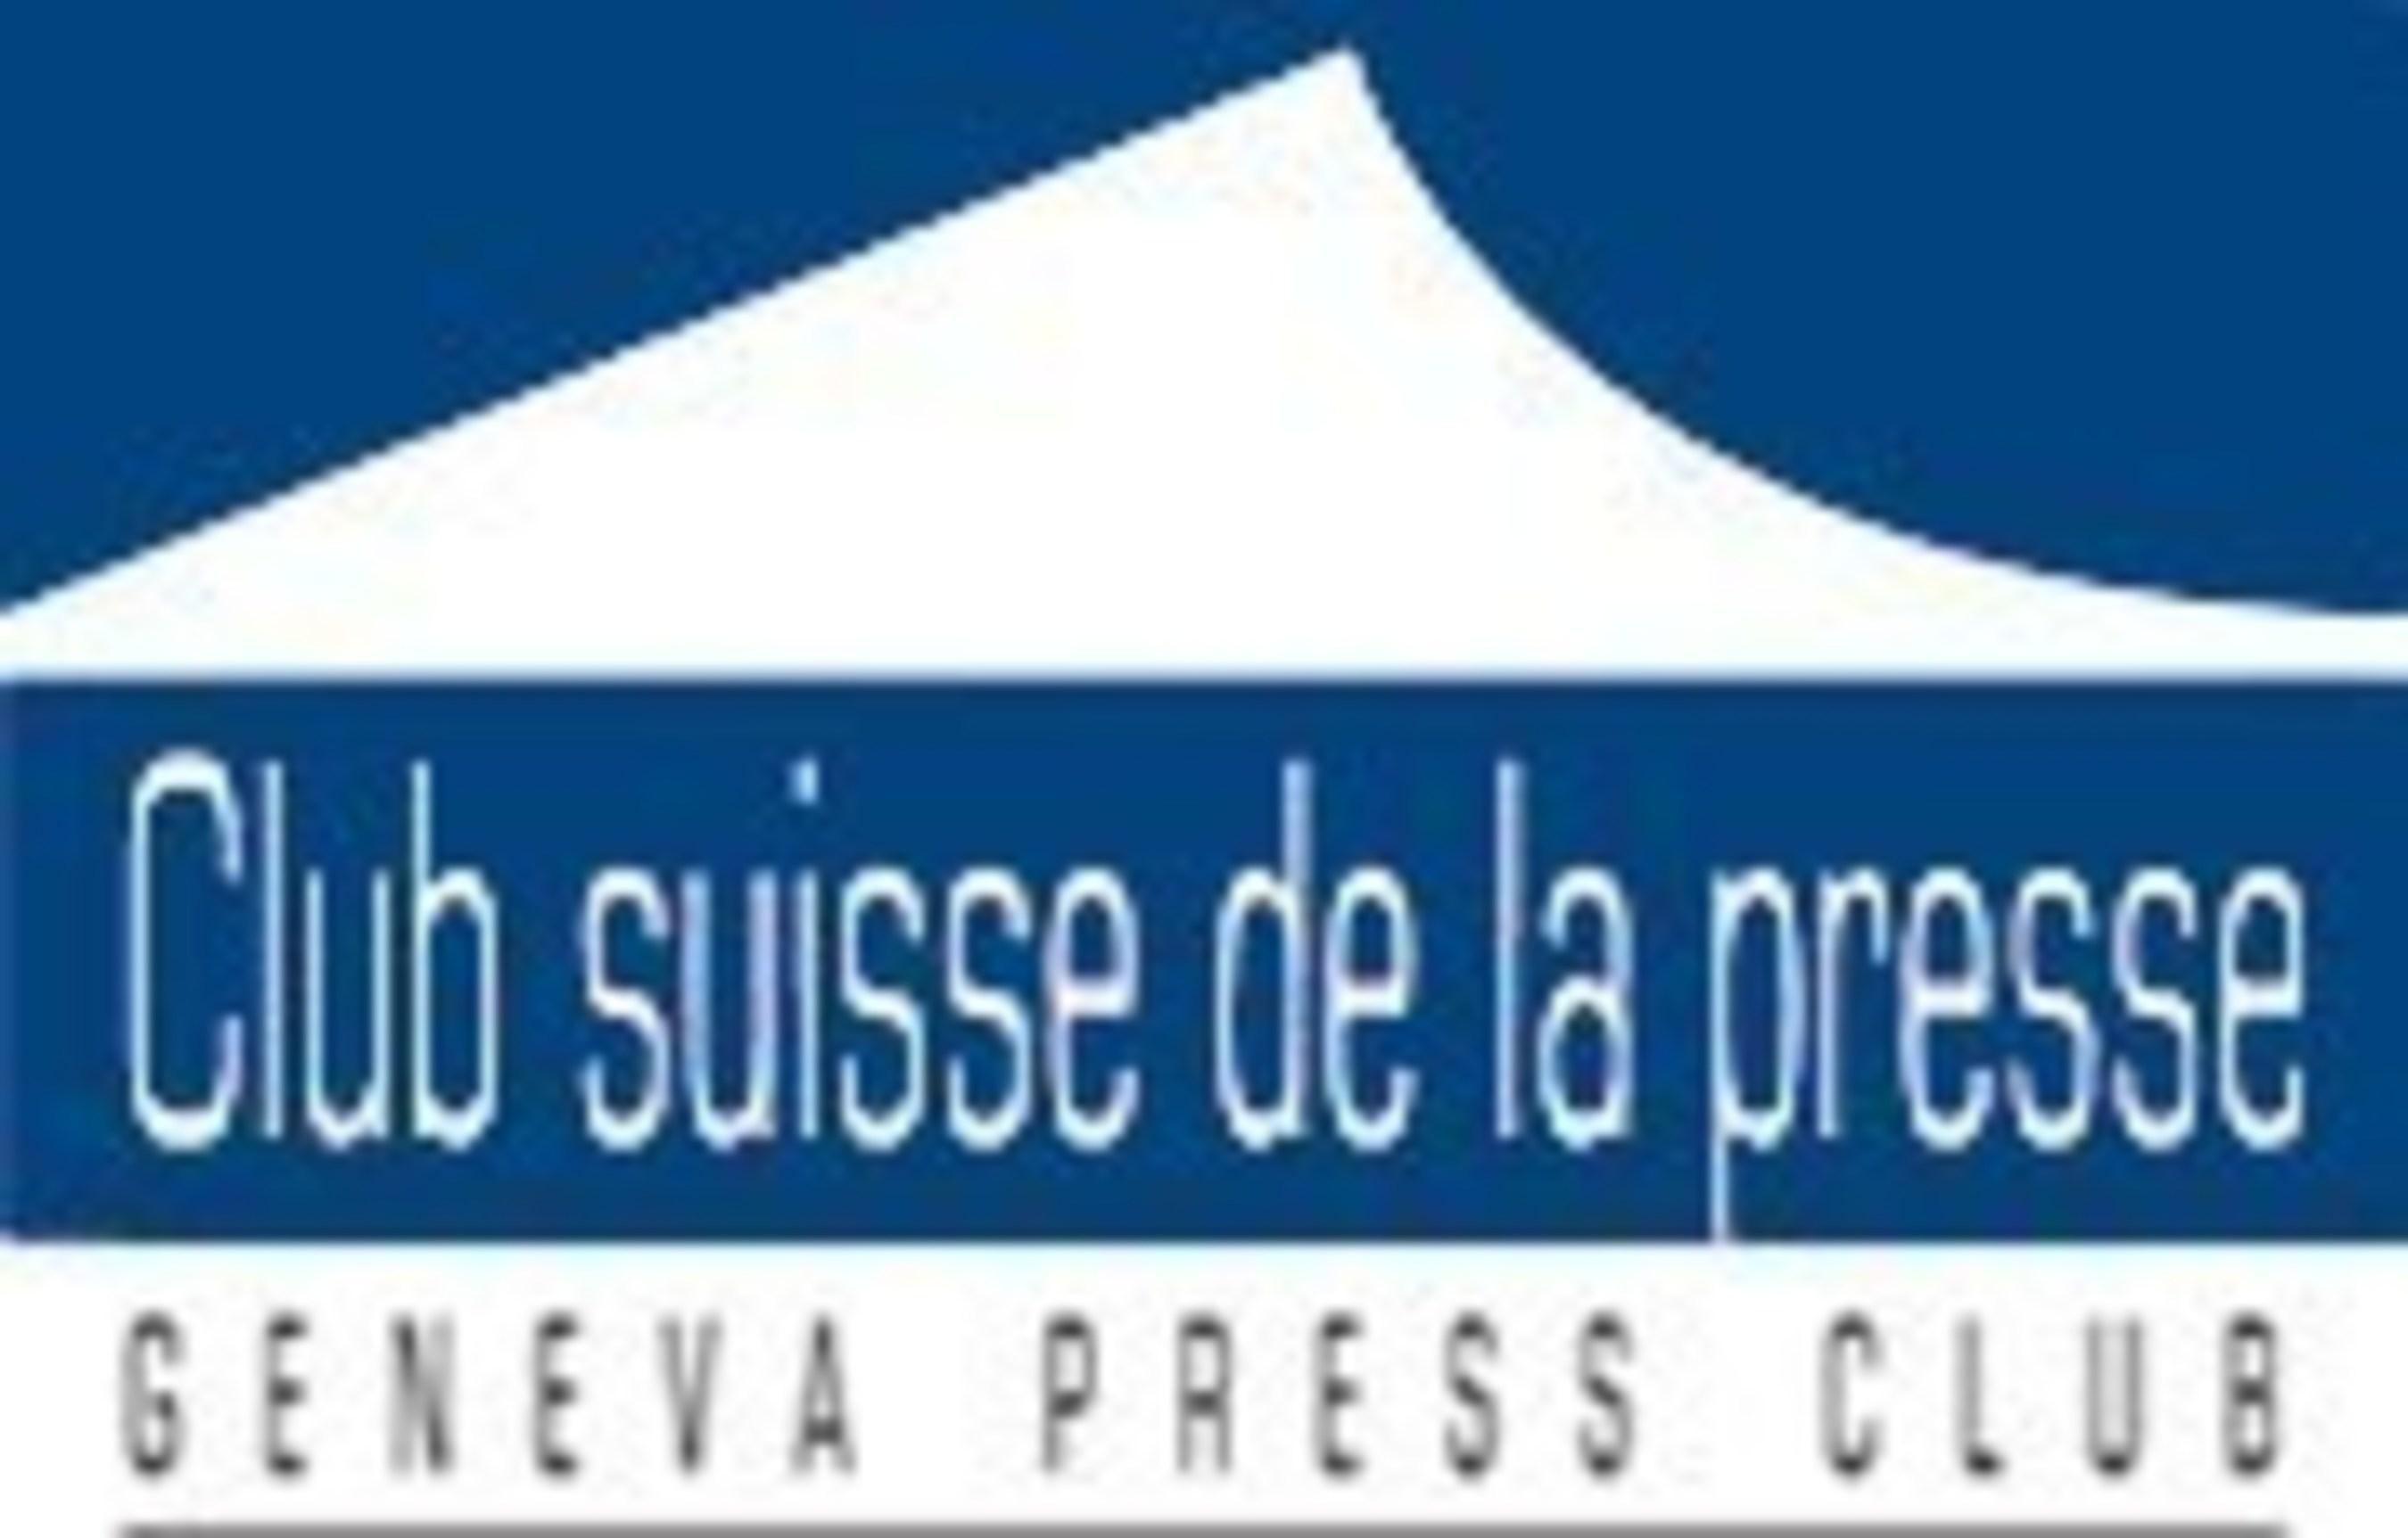 Club suisse de la presse